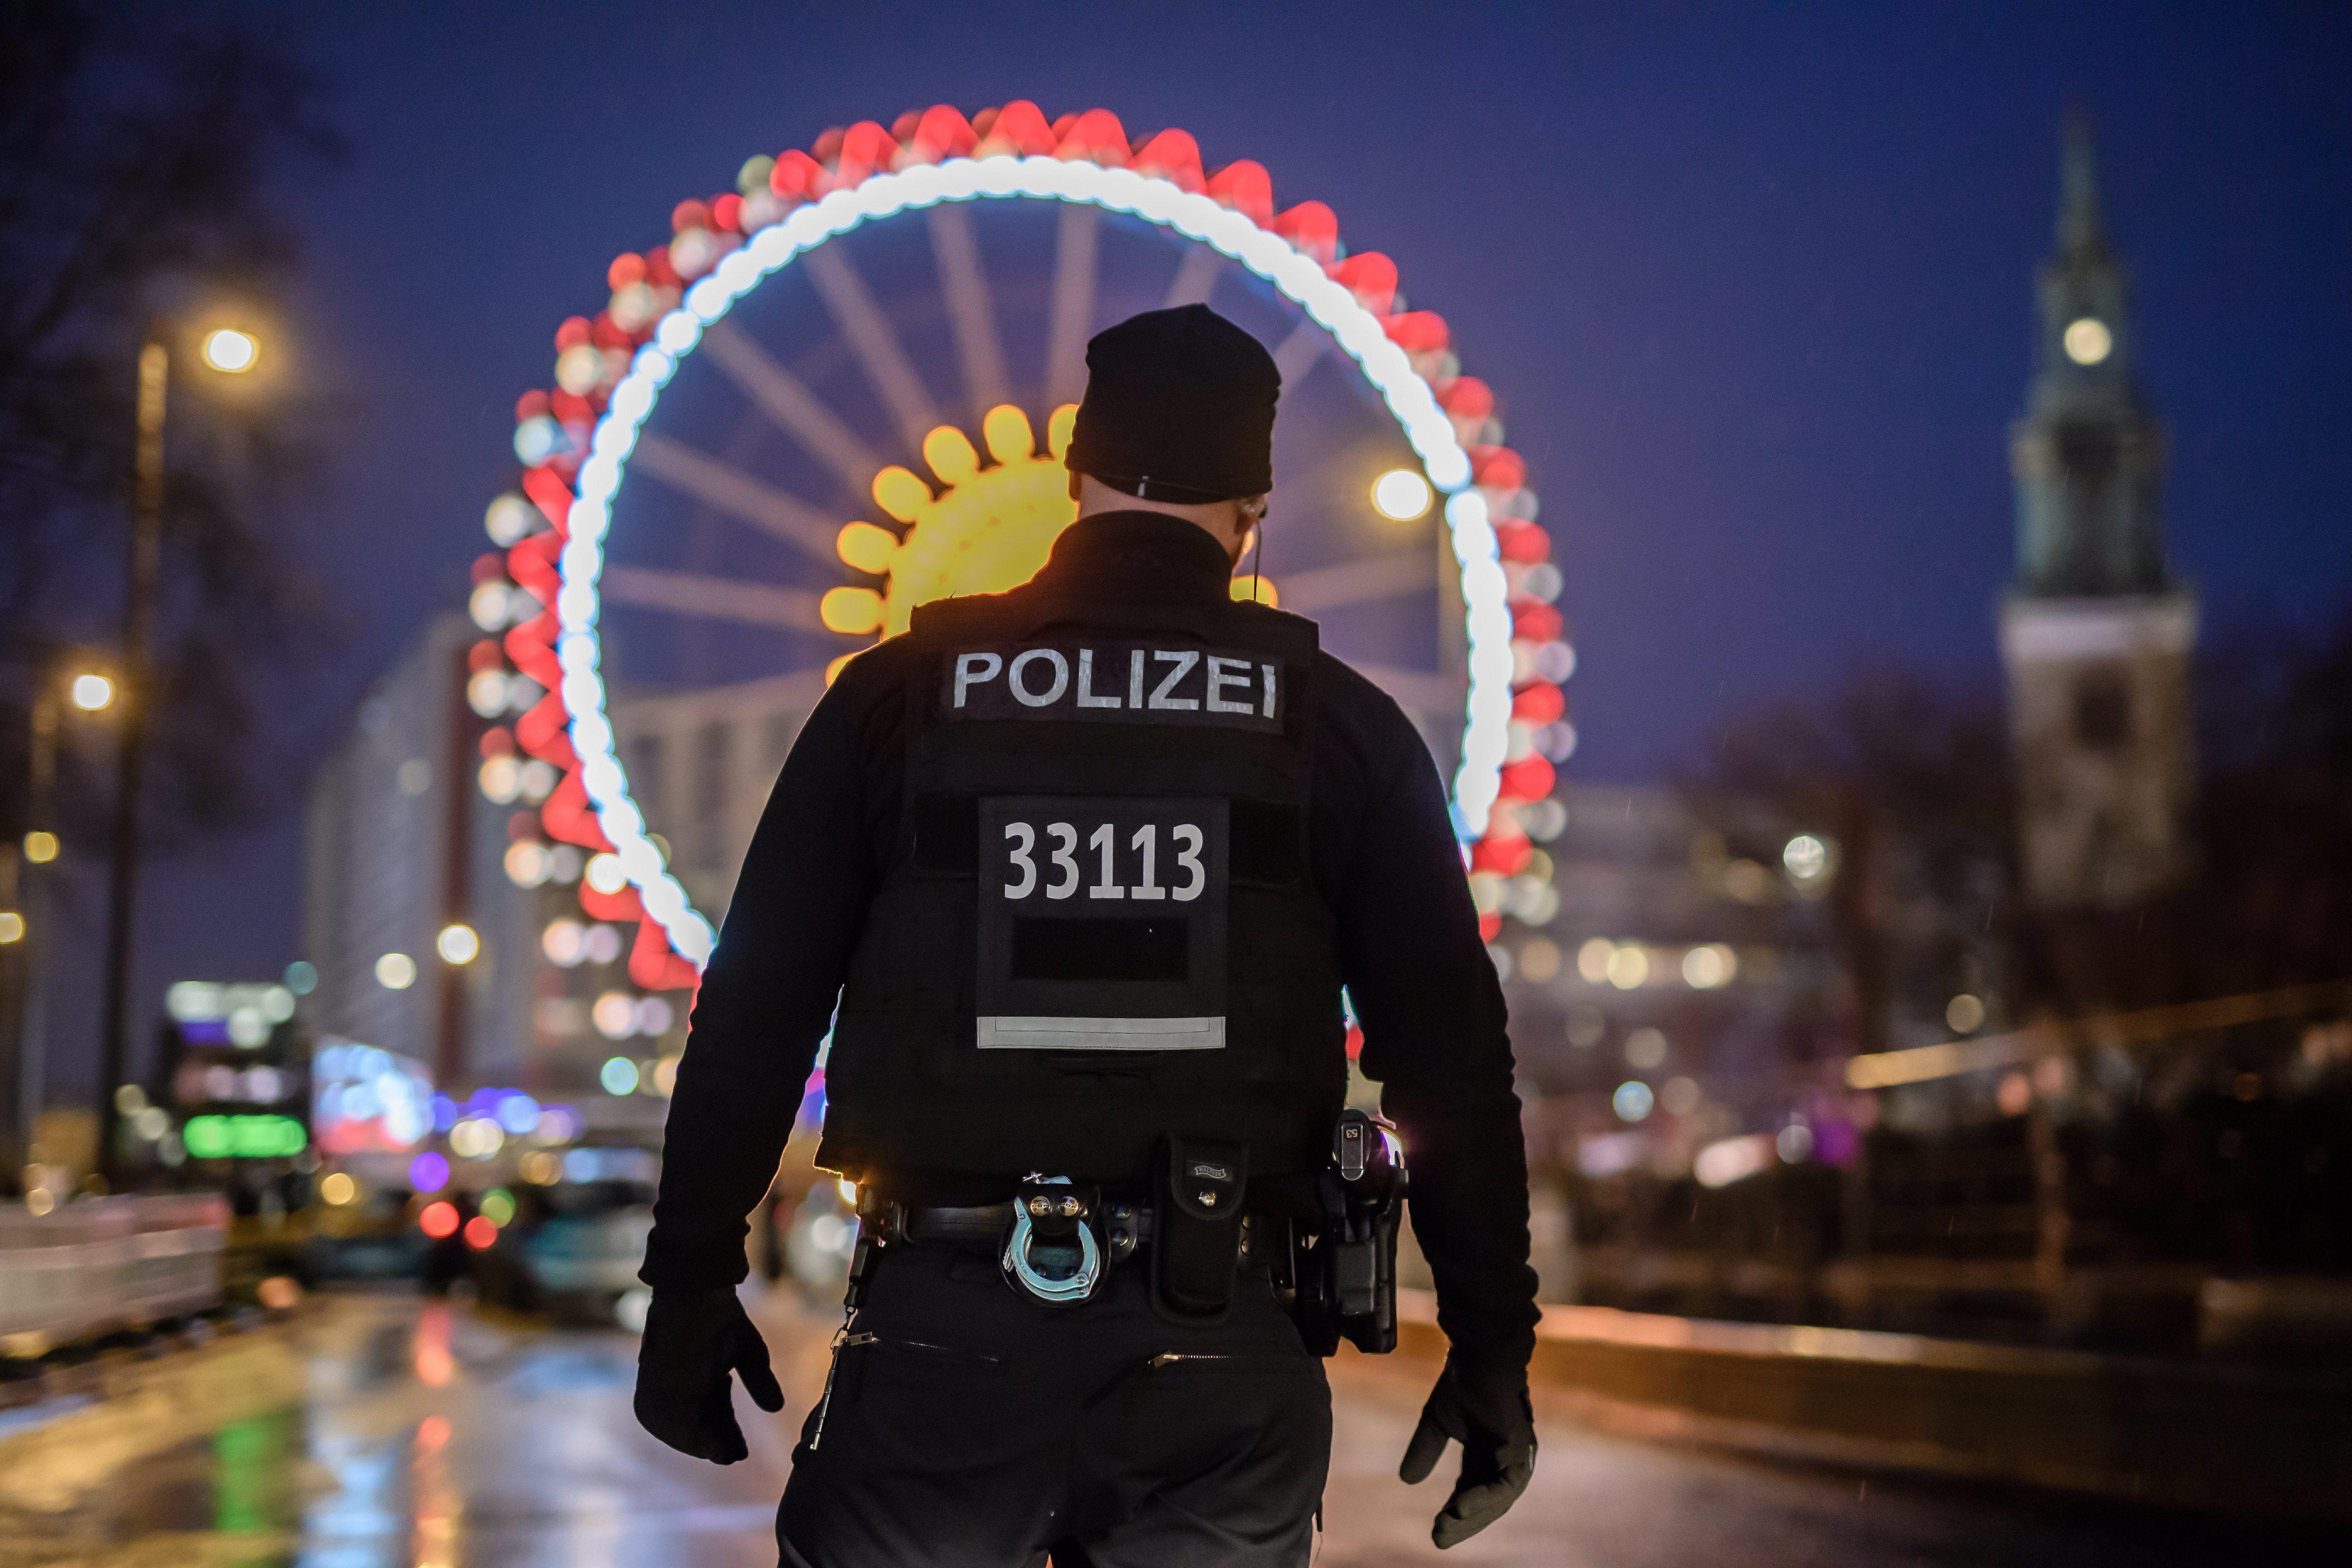 Un agent de policia alemany fa guàrdia davant d'un mercat ambulant nadalenc prop d'on es va produir un accident de trànsit a l'Alexanderplatz de Berlín, Alemanya. /CLEMENS BILAN